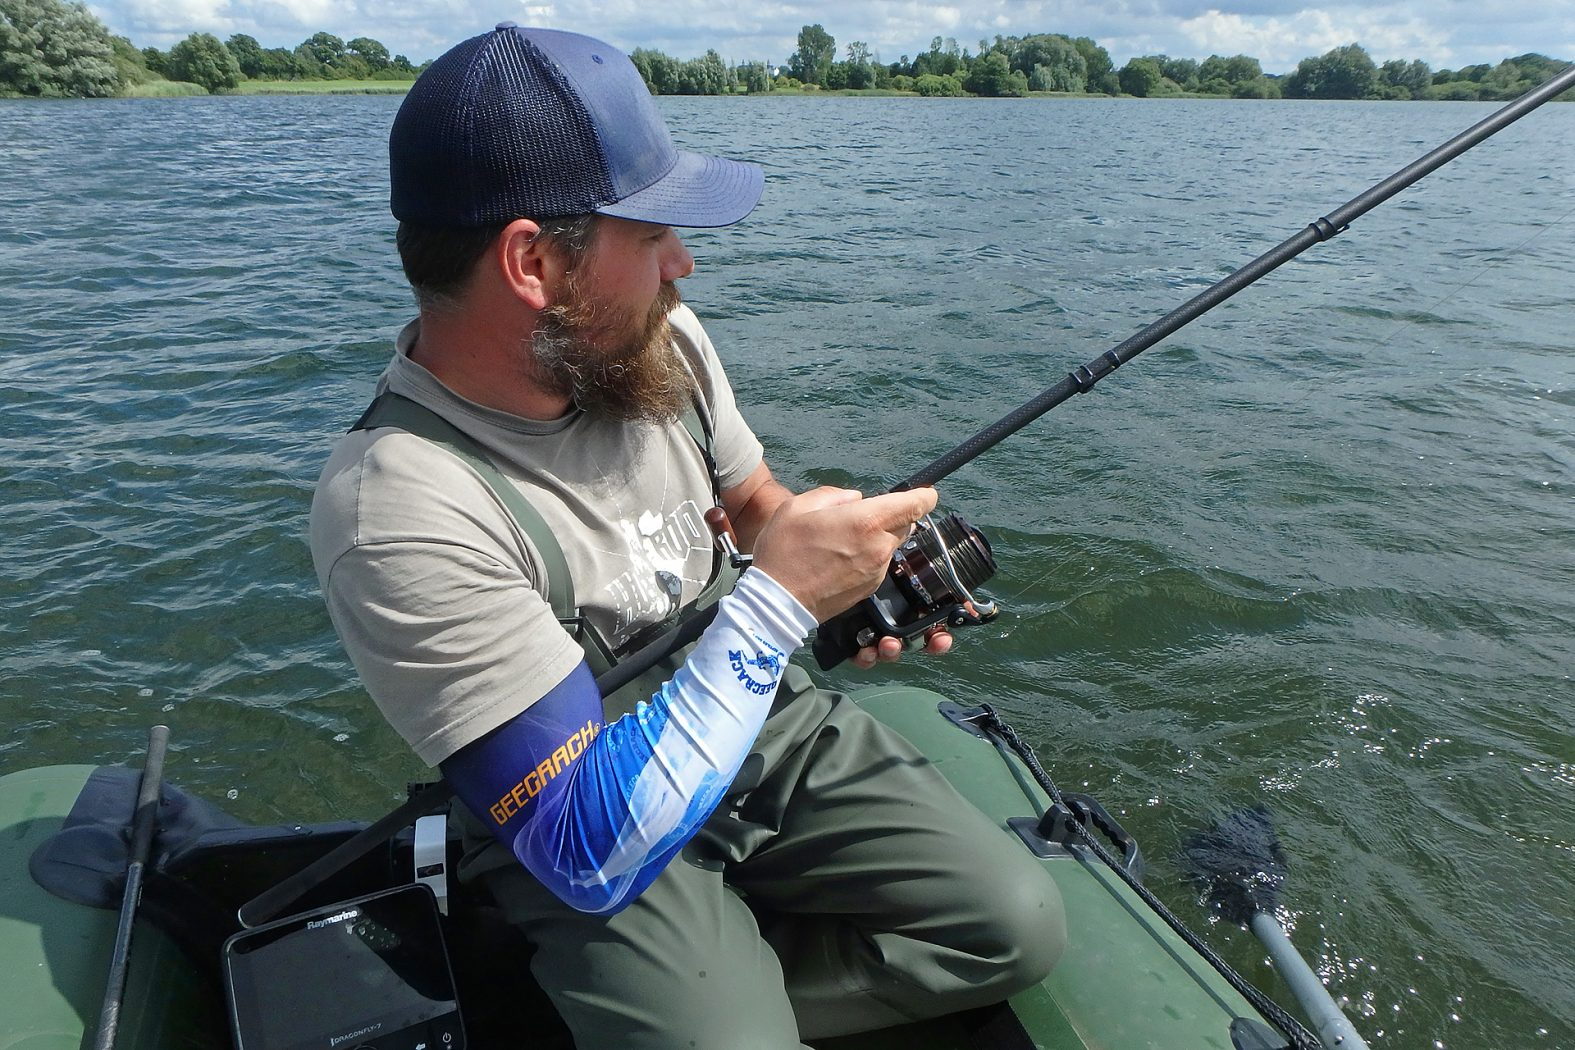 Karpfenruten zum Angeln vom Boot